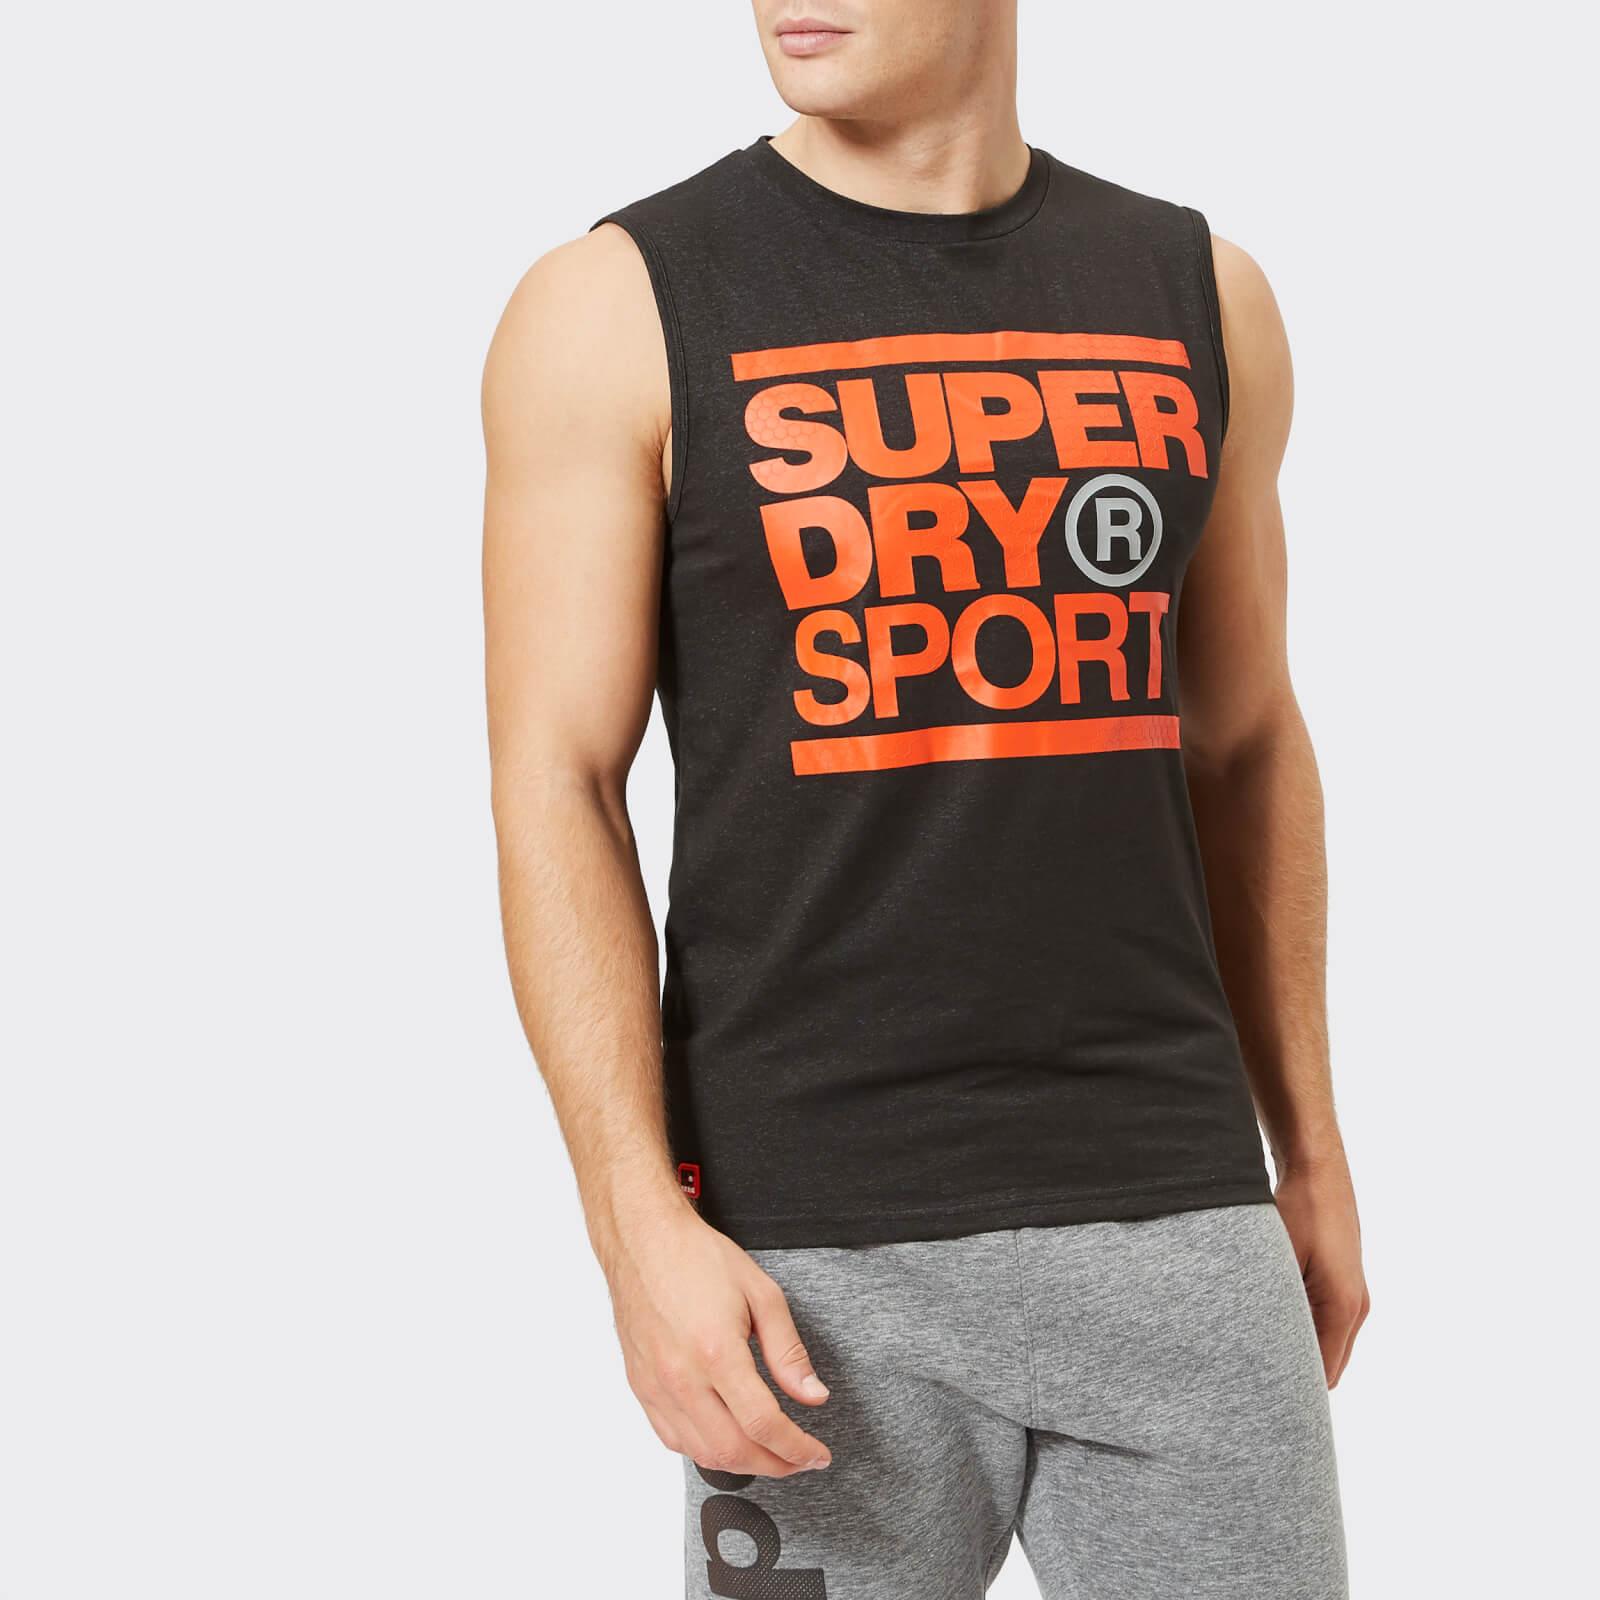 Superdry Sport Men's Core Graphic Tank Top - Black - M - Black